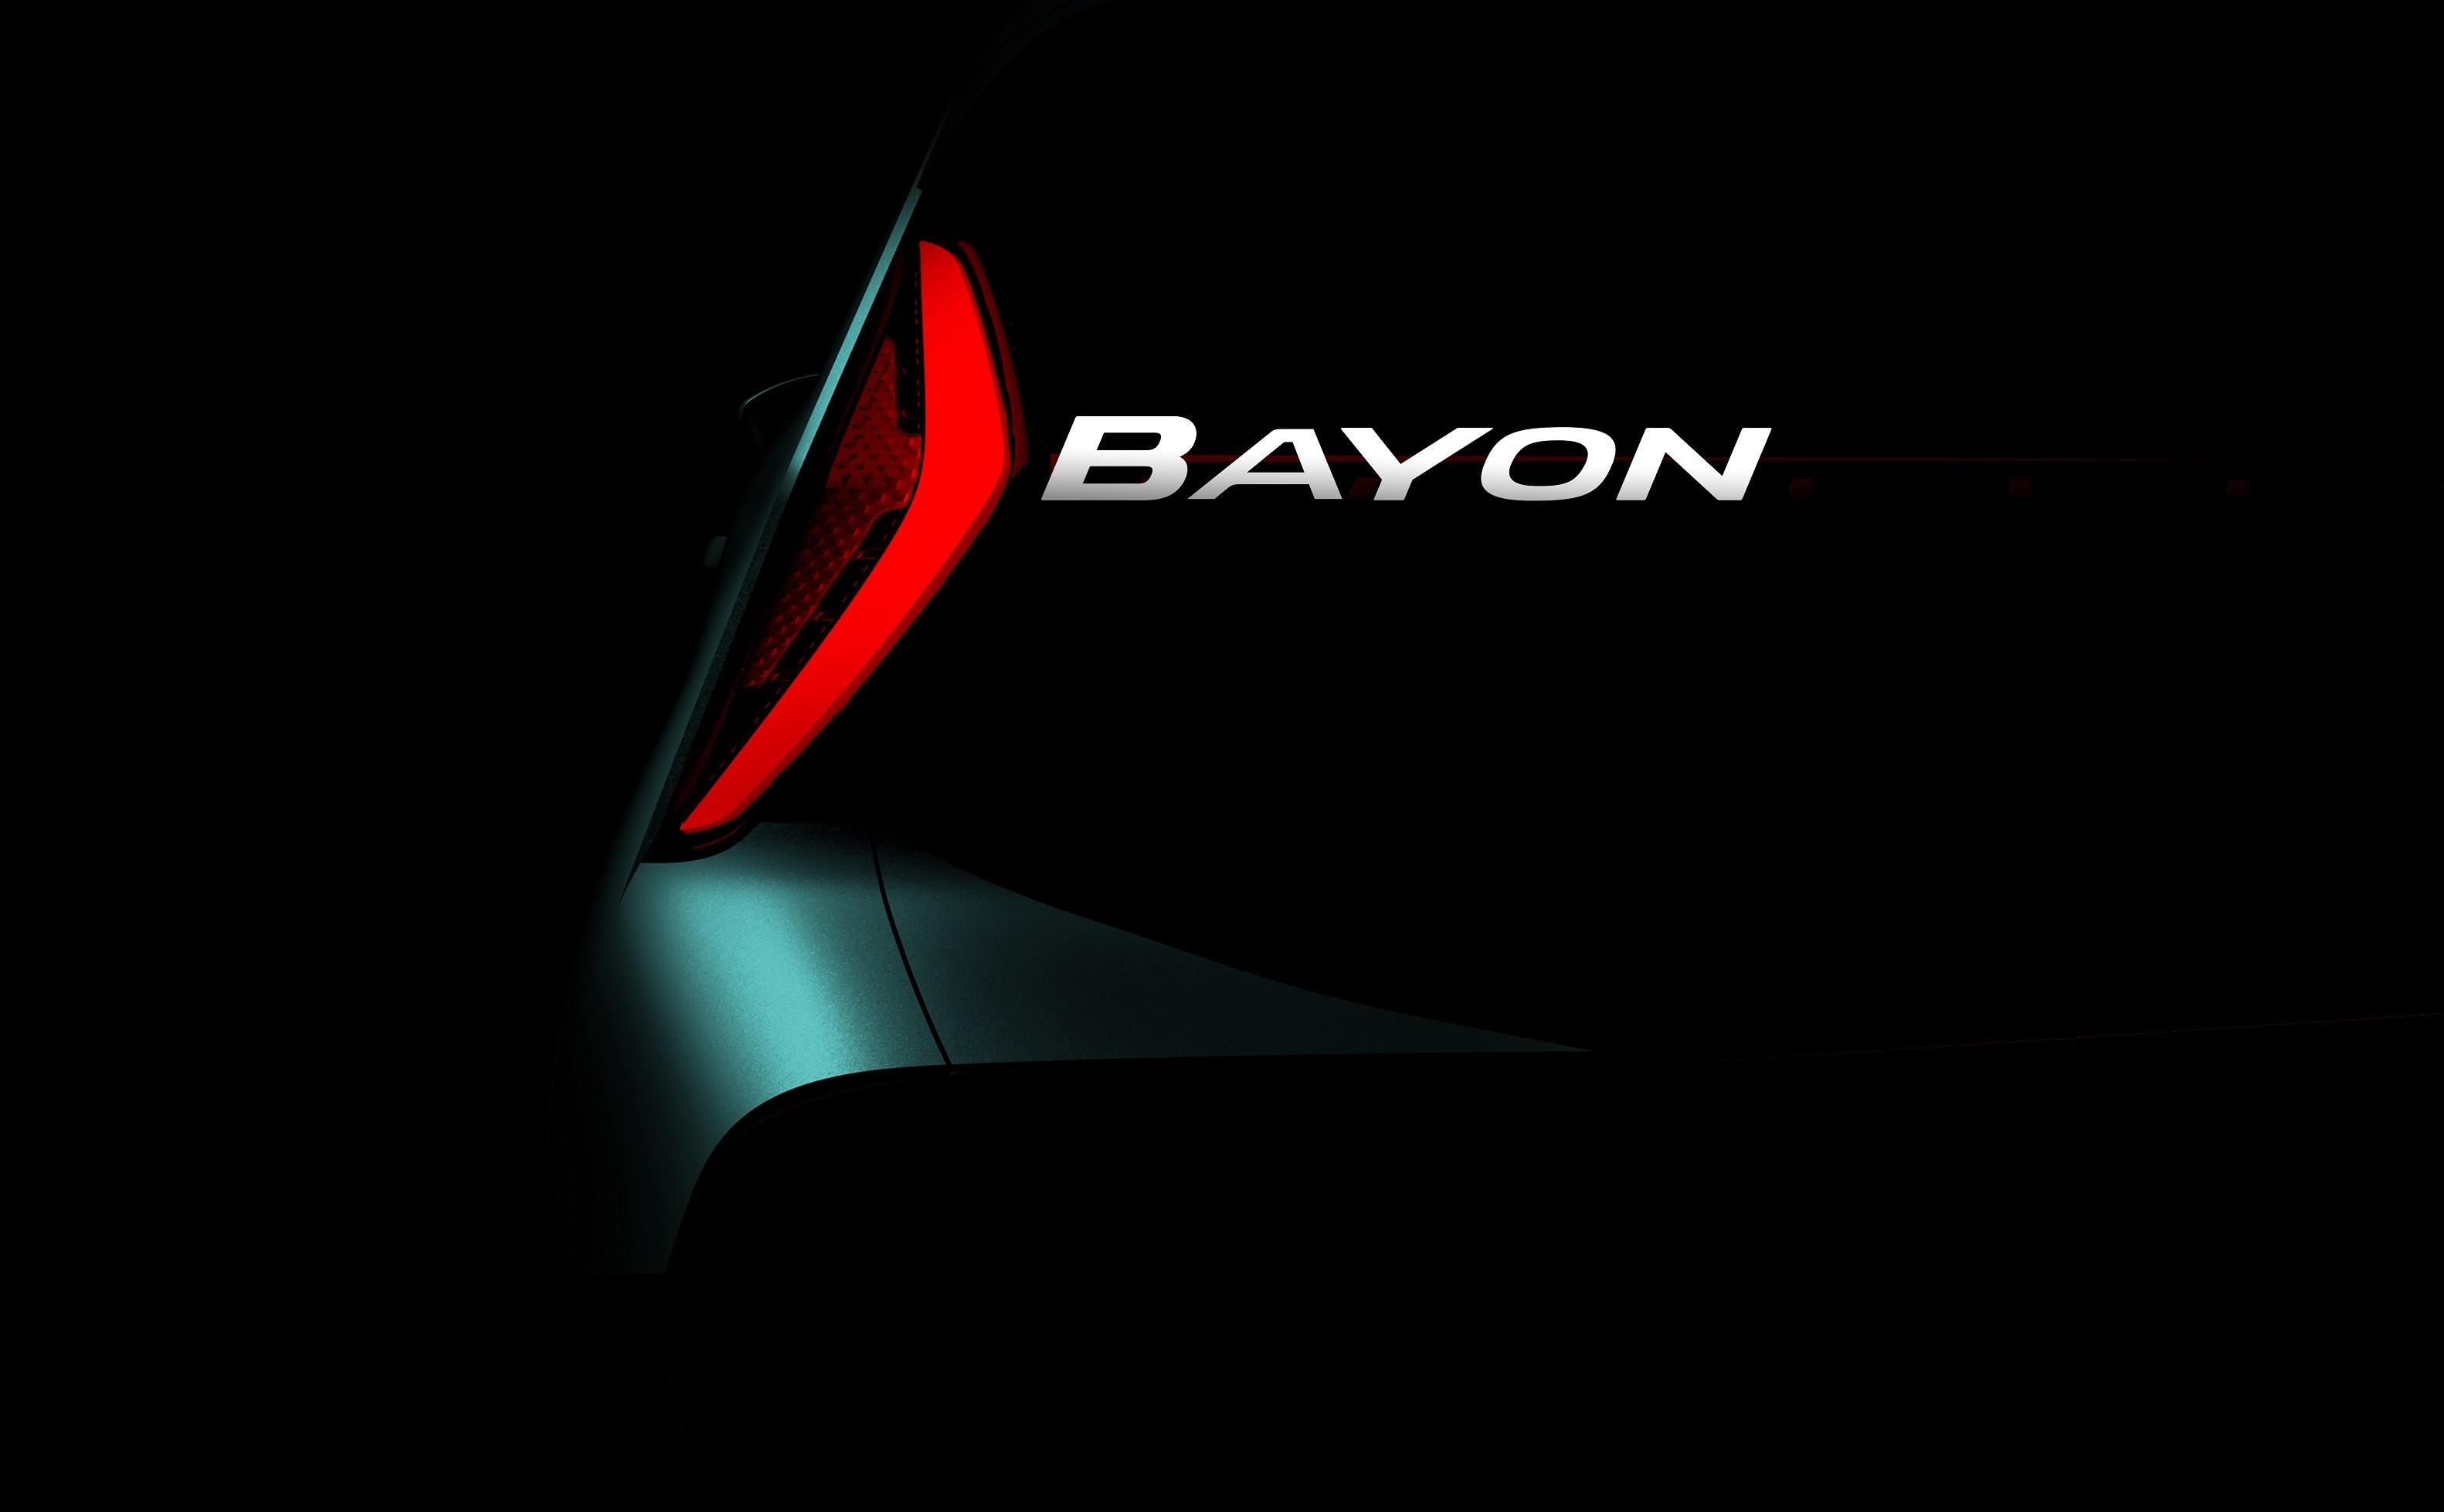 Hyundai Motor all-new SUV Hyundai Bayon